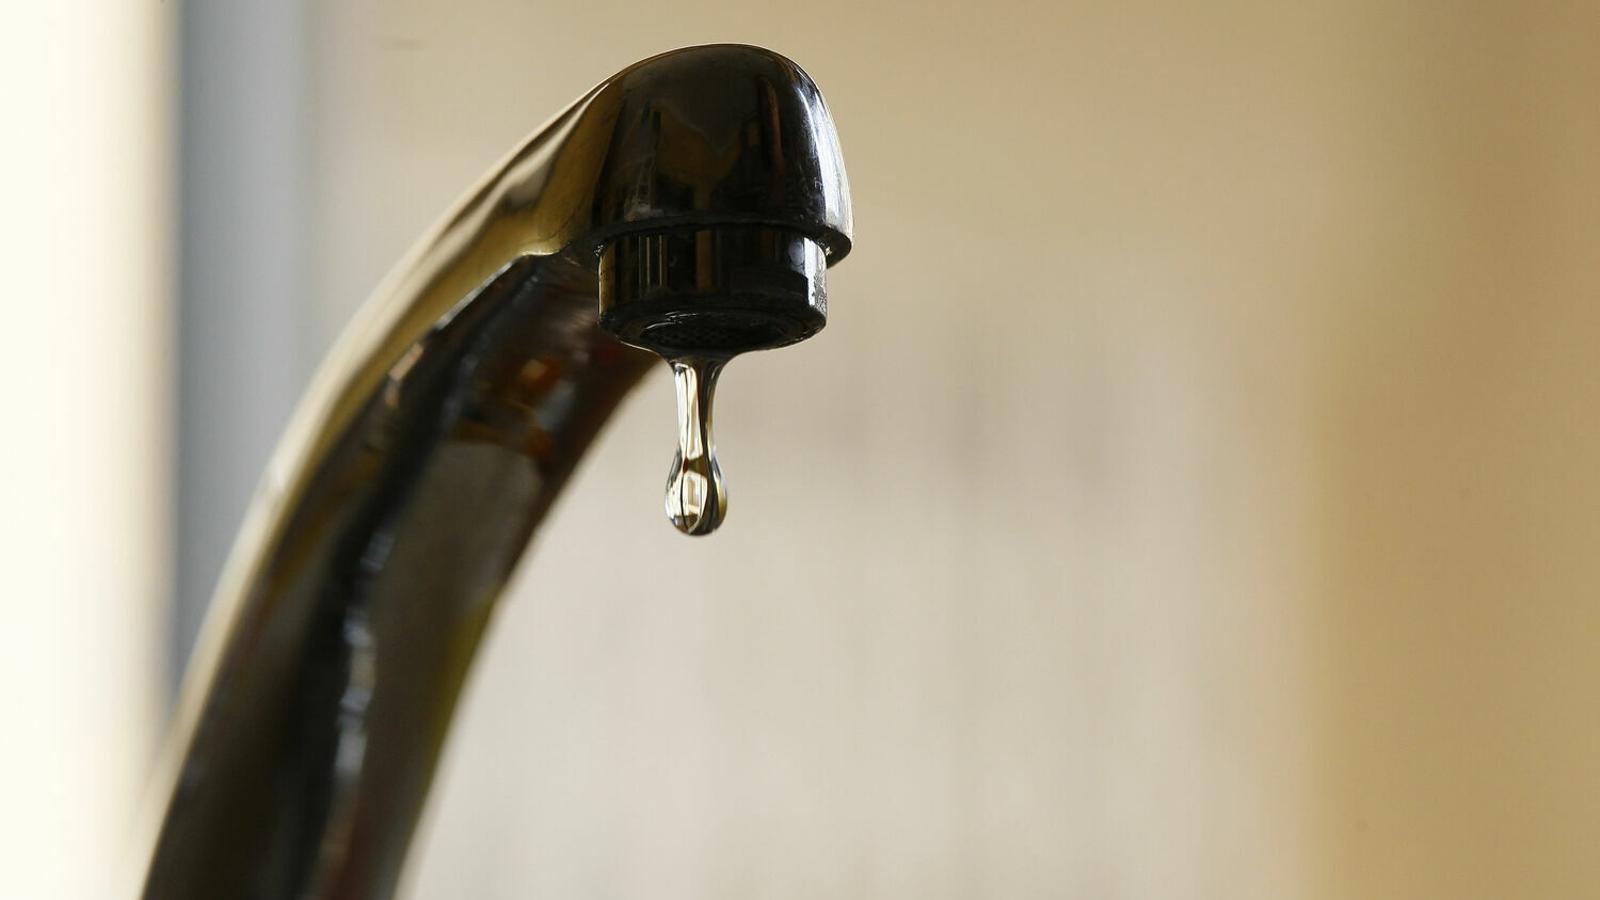 La xarxa d'aigua d'Eivissa perd cinc milions de litres a l'any